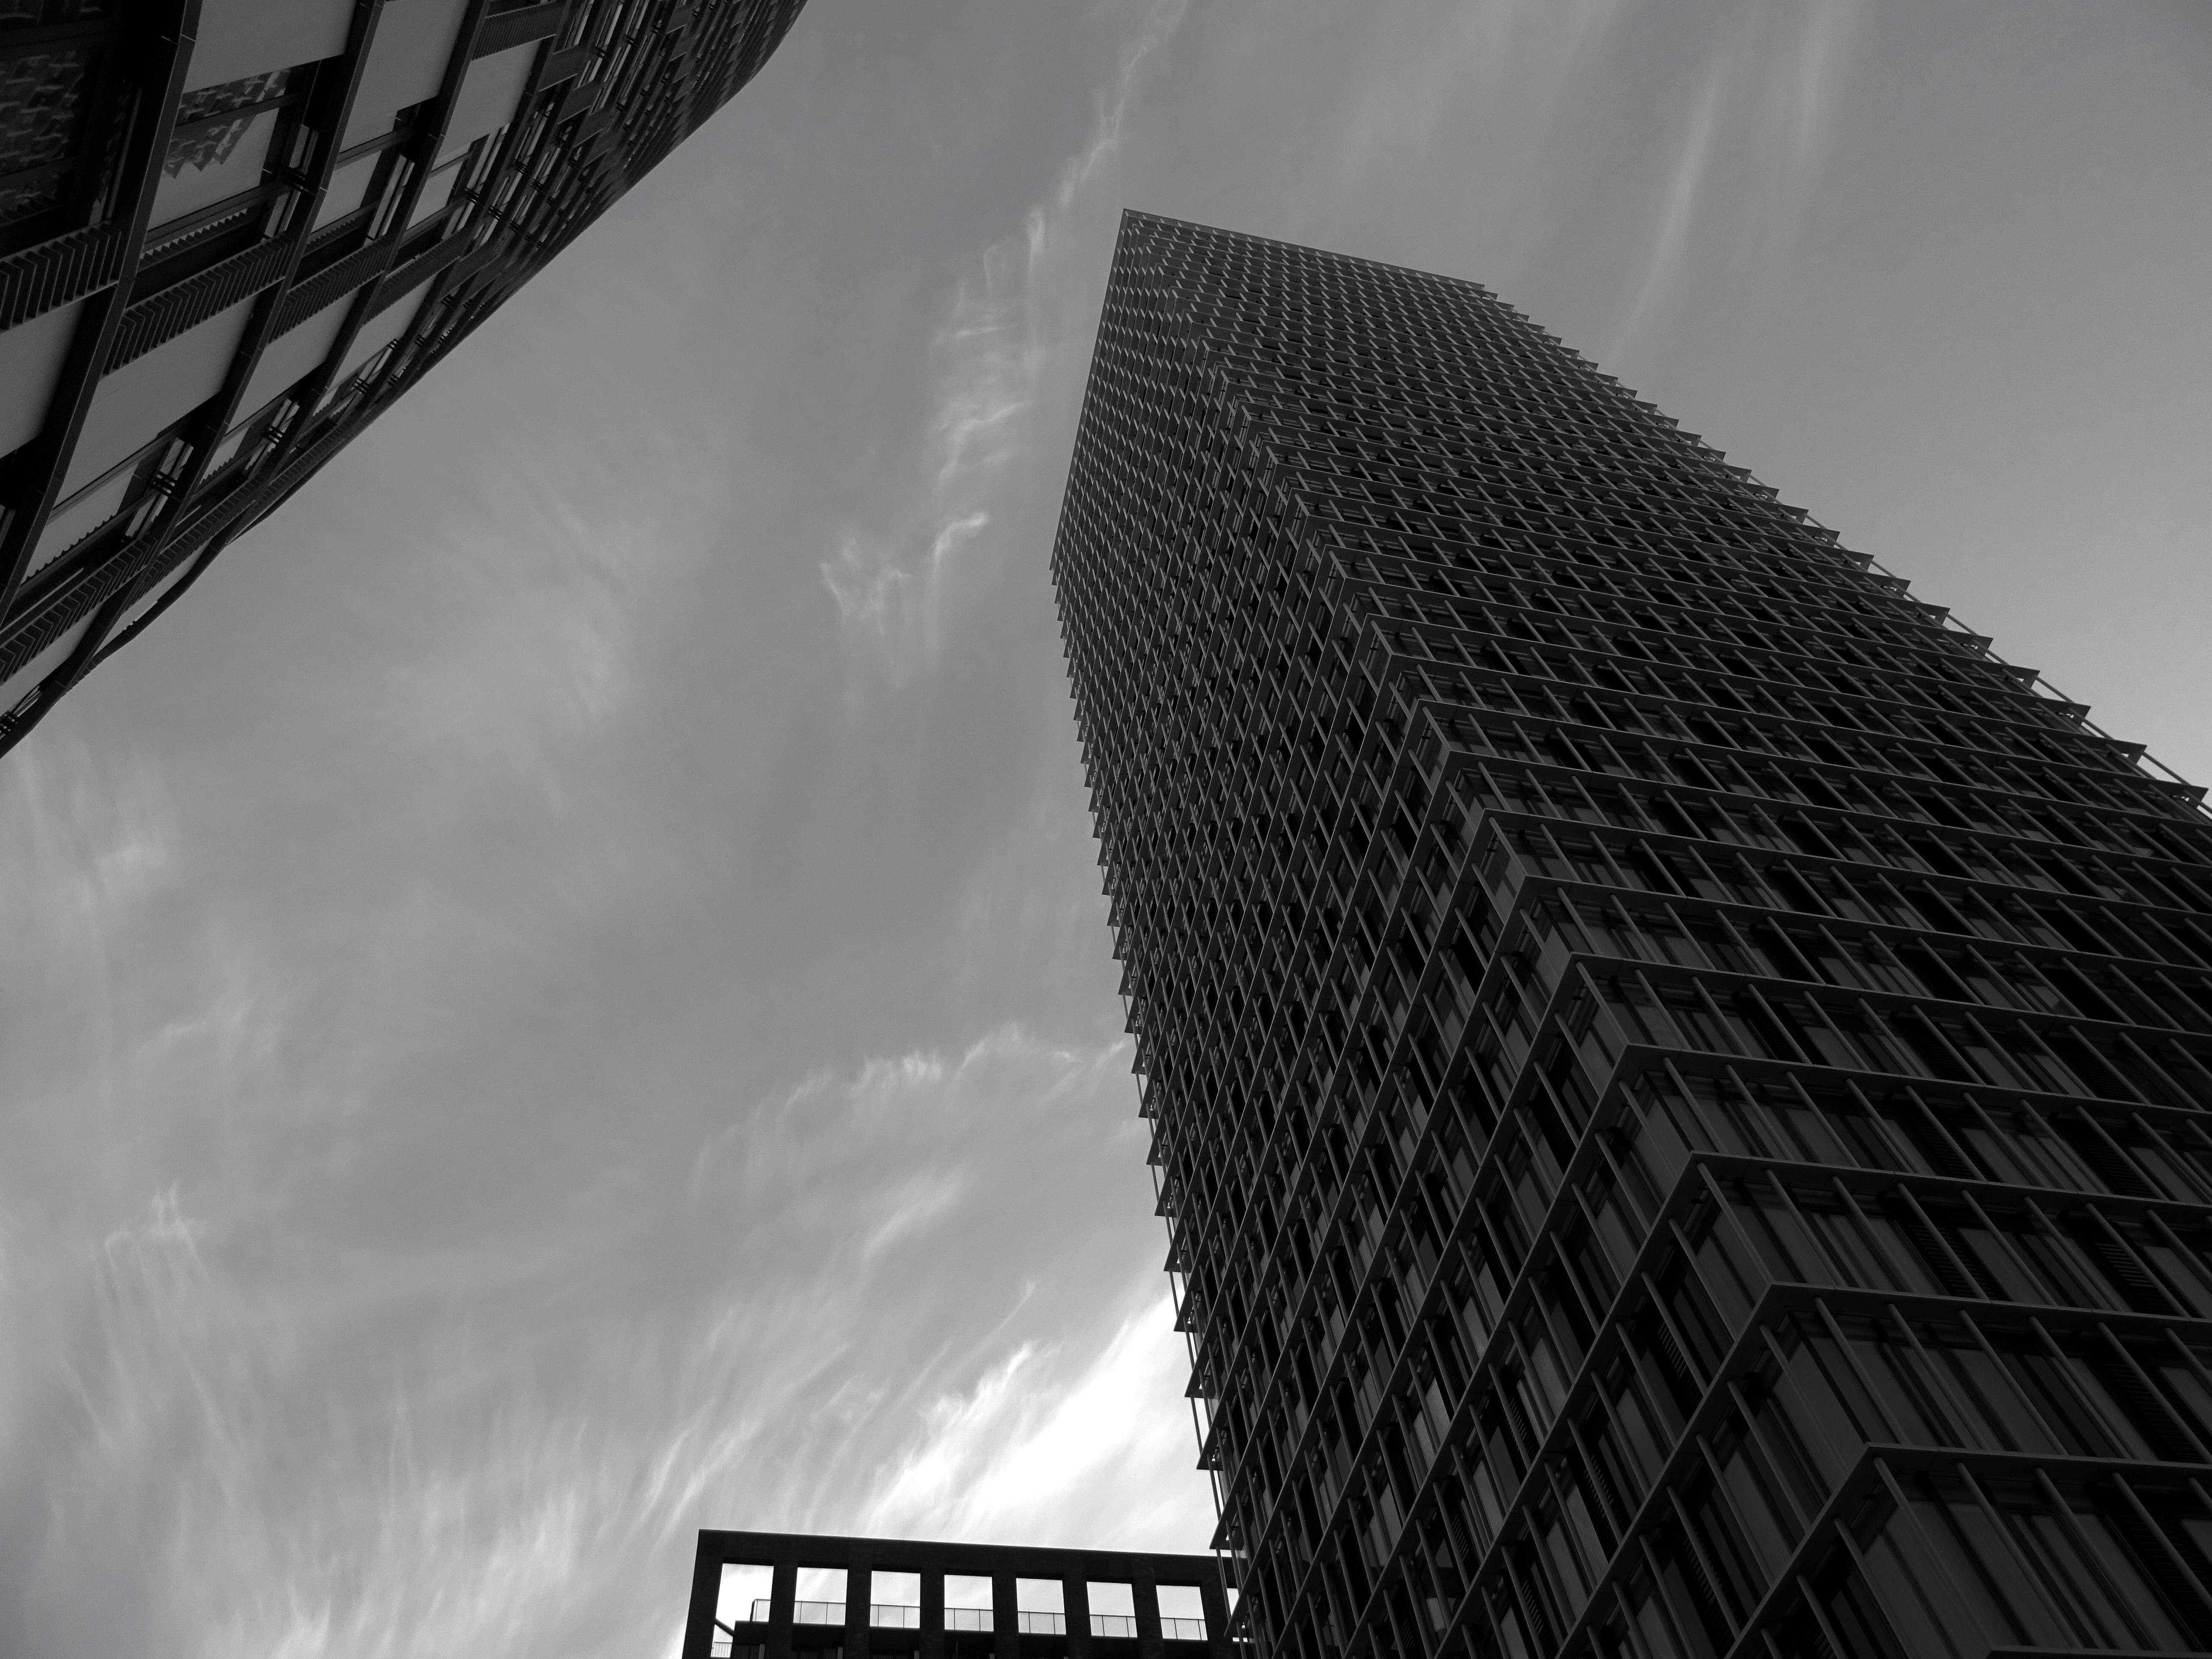 Kostnadsfri bild av arkitektur, byggnad, högsta, horisont